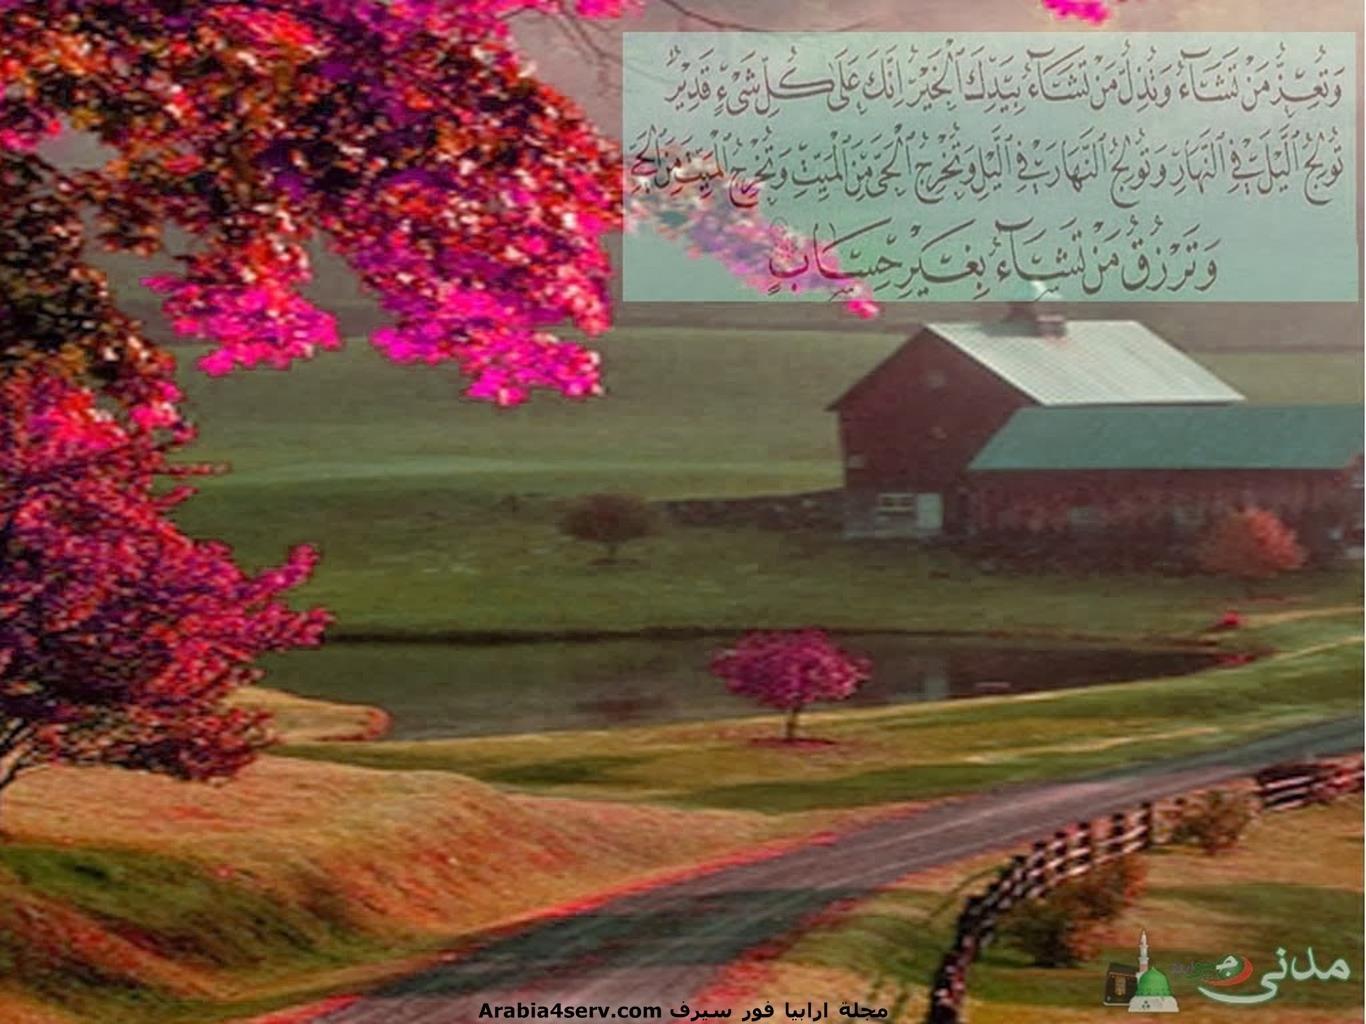 تحميل-خلفيات-طبيعية-اسلامية-للكمبيوتر-6